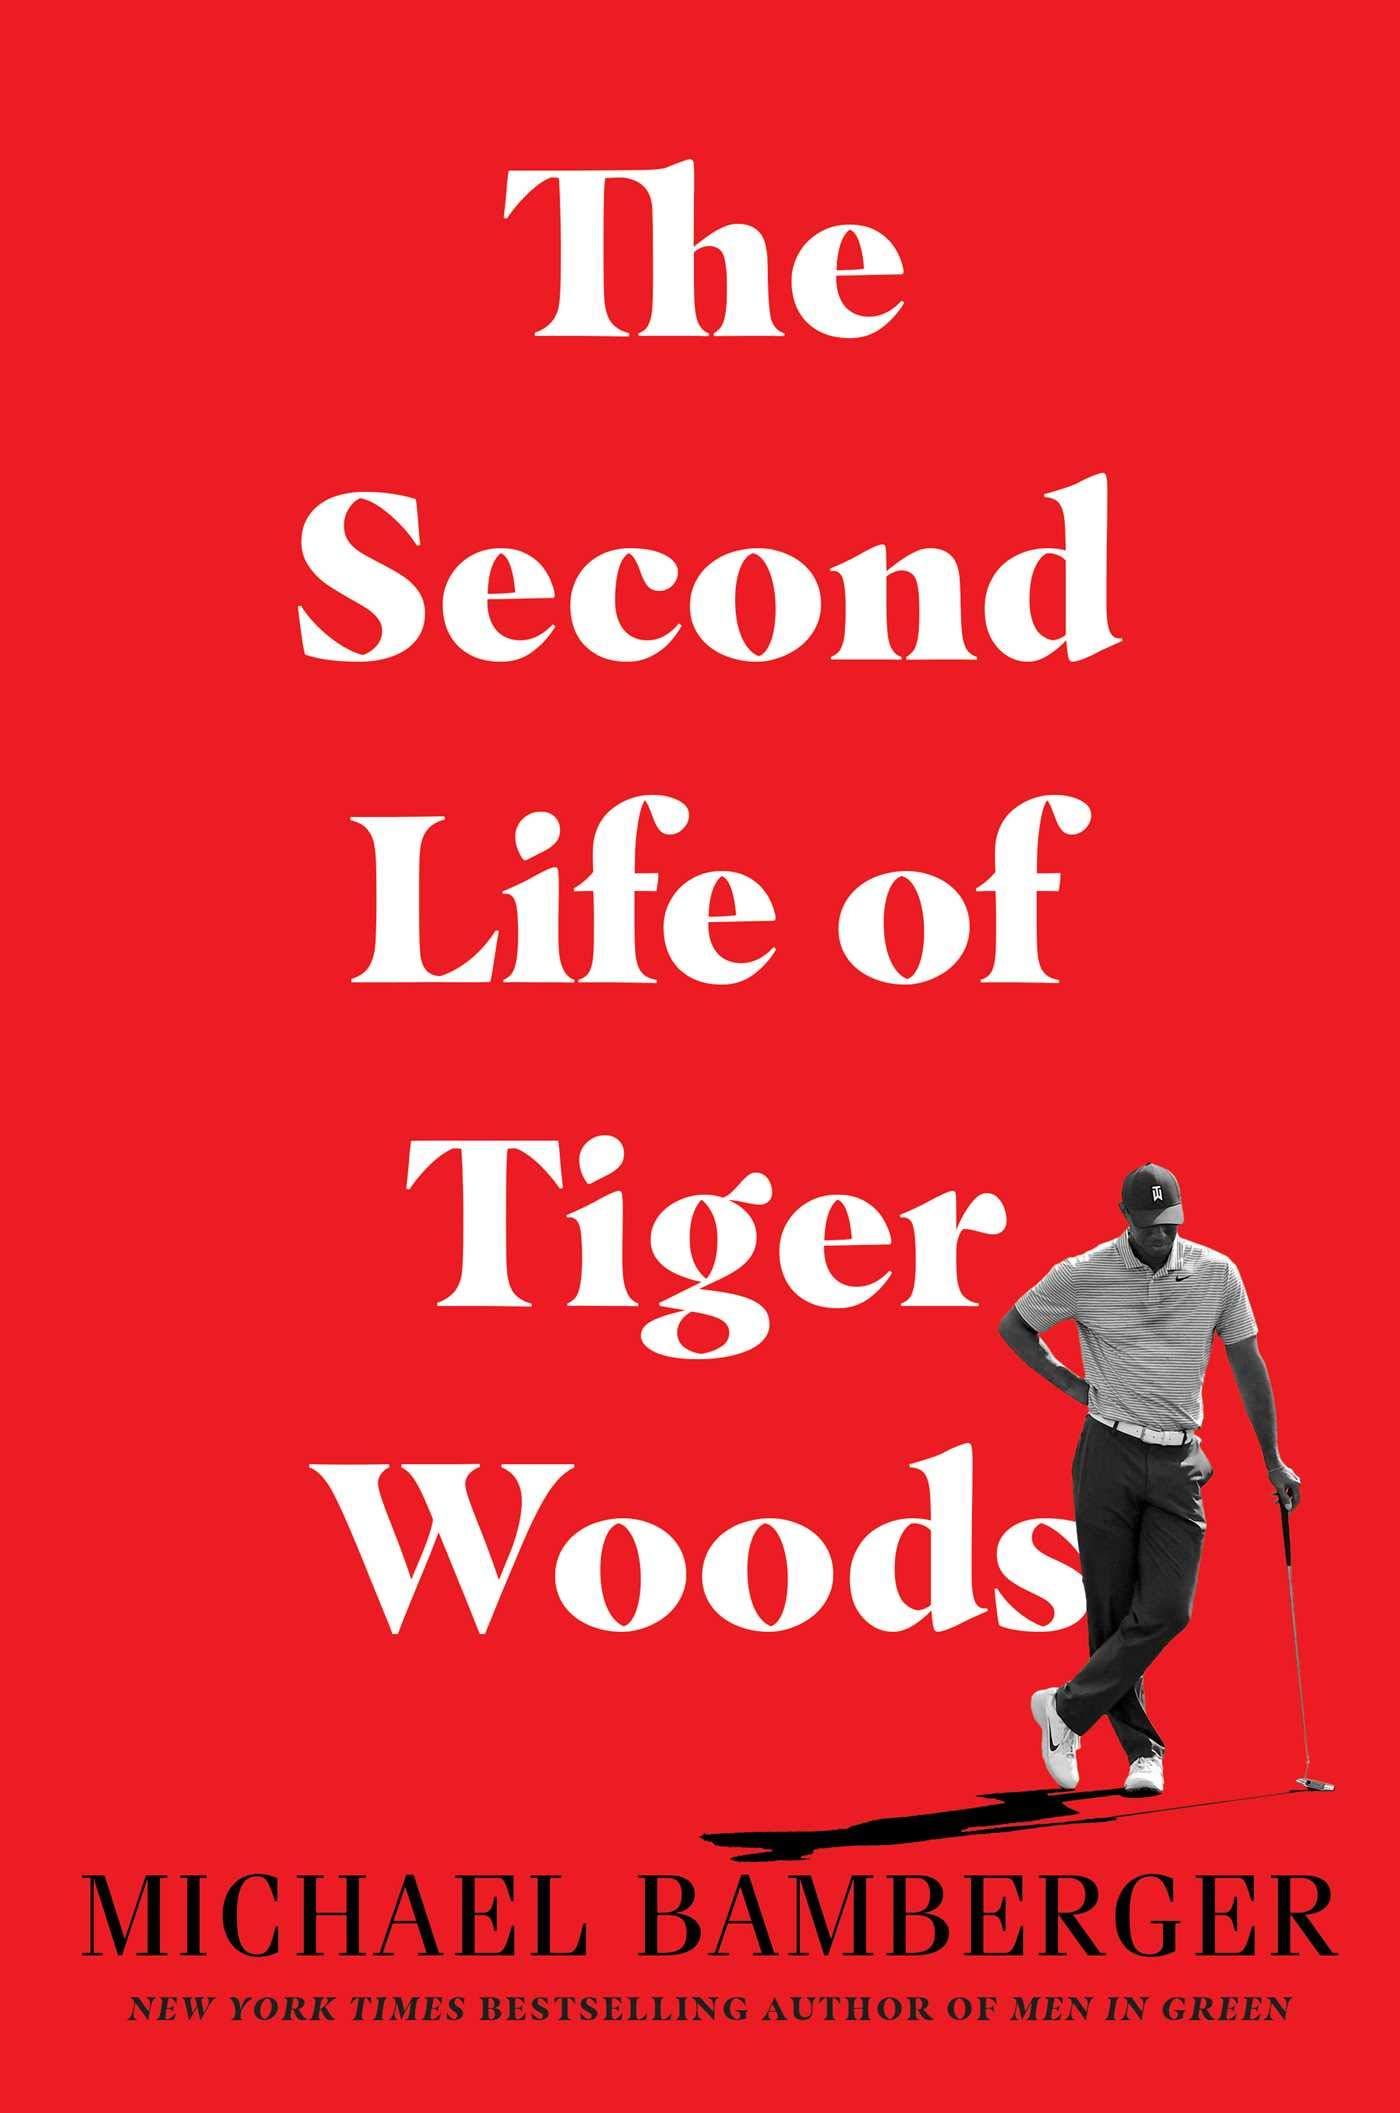 71a6U2qZcfL - The Second Life of Tiger Woods